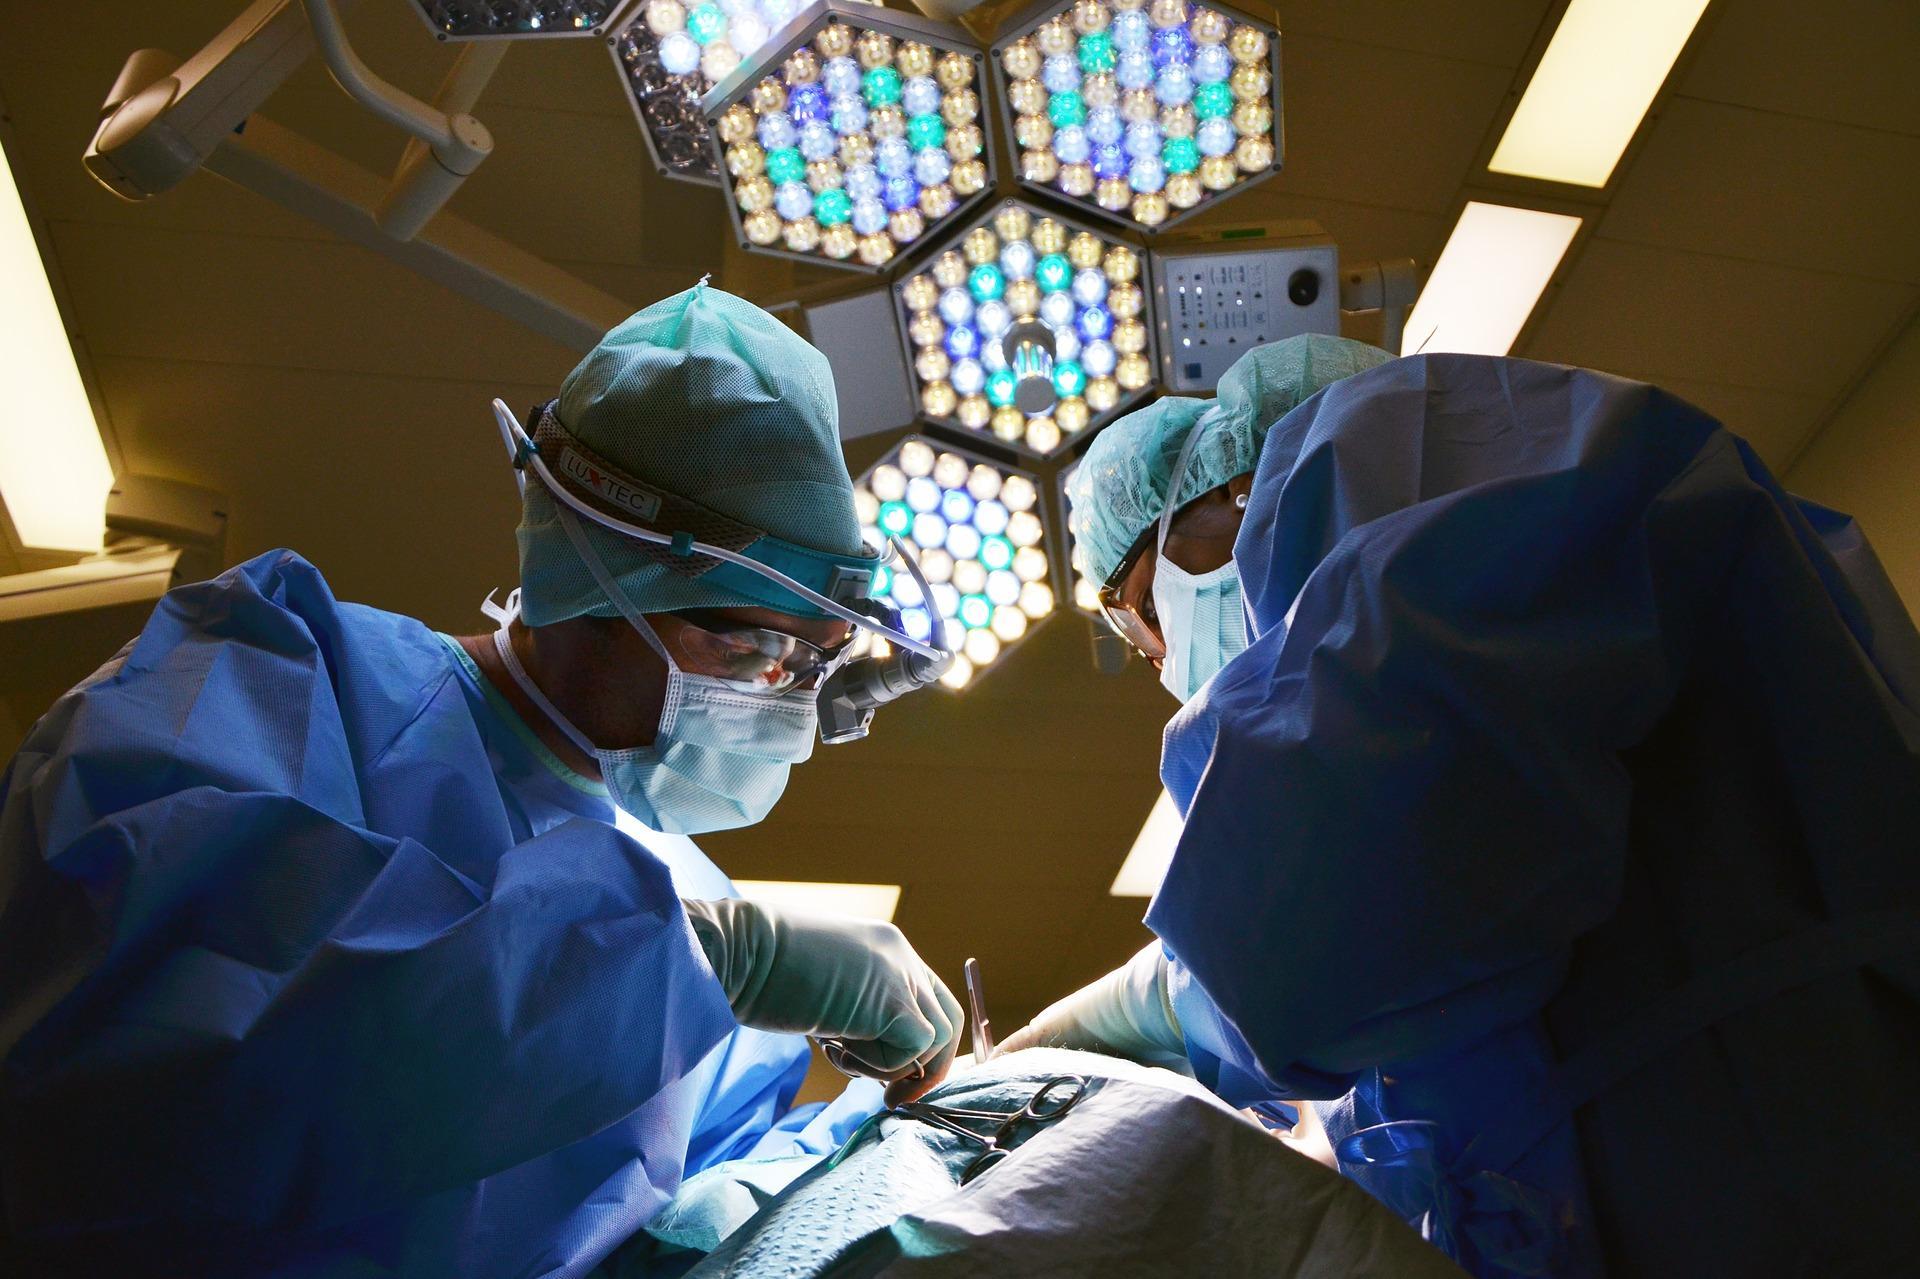 orvosi felszerelés, műtő, orvosi eszköz